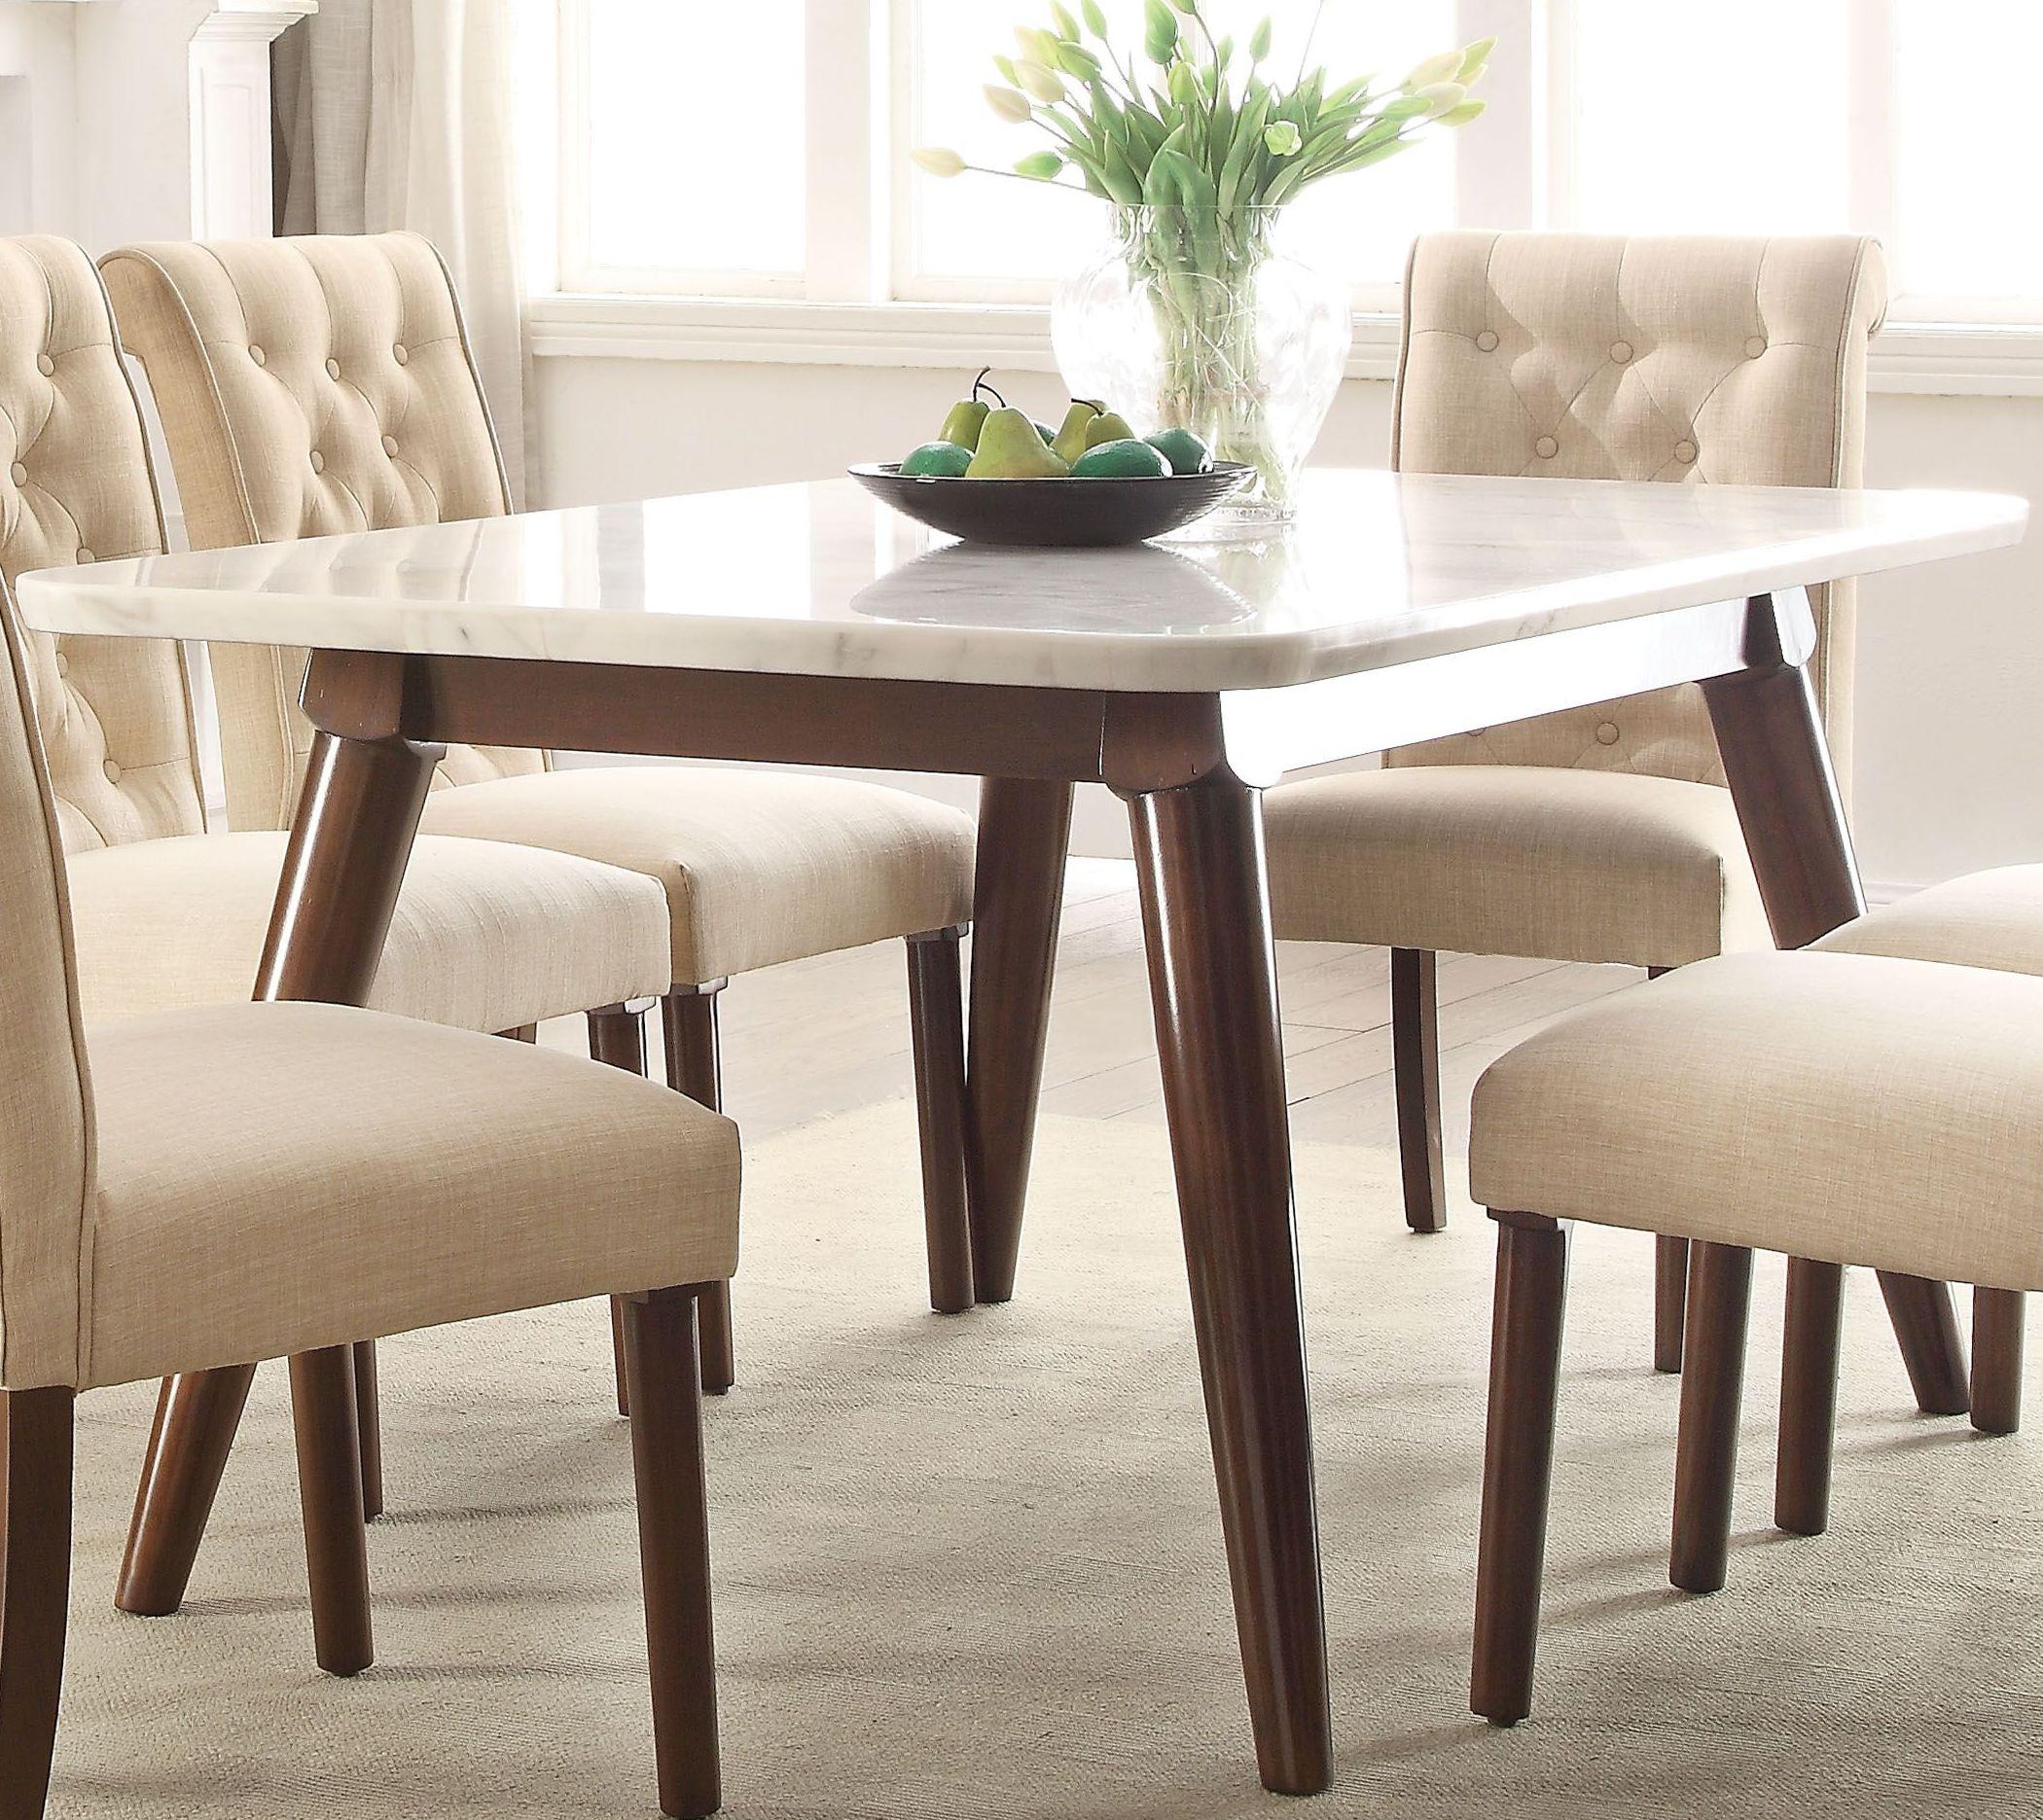 Gasha white marble and walnut dining tablemedia image